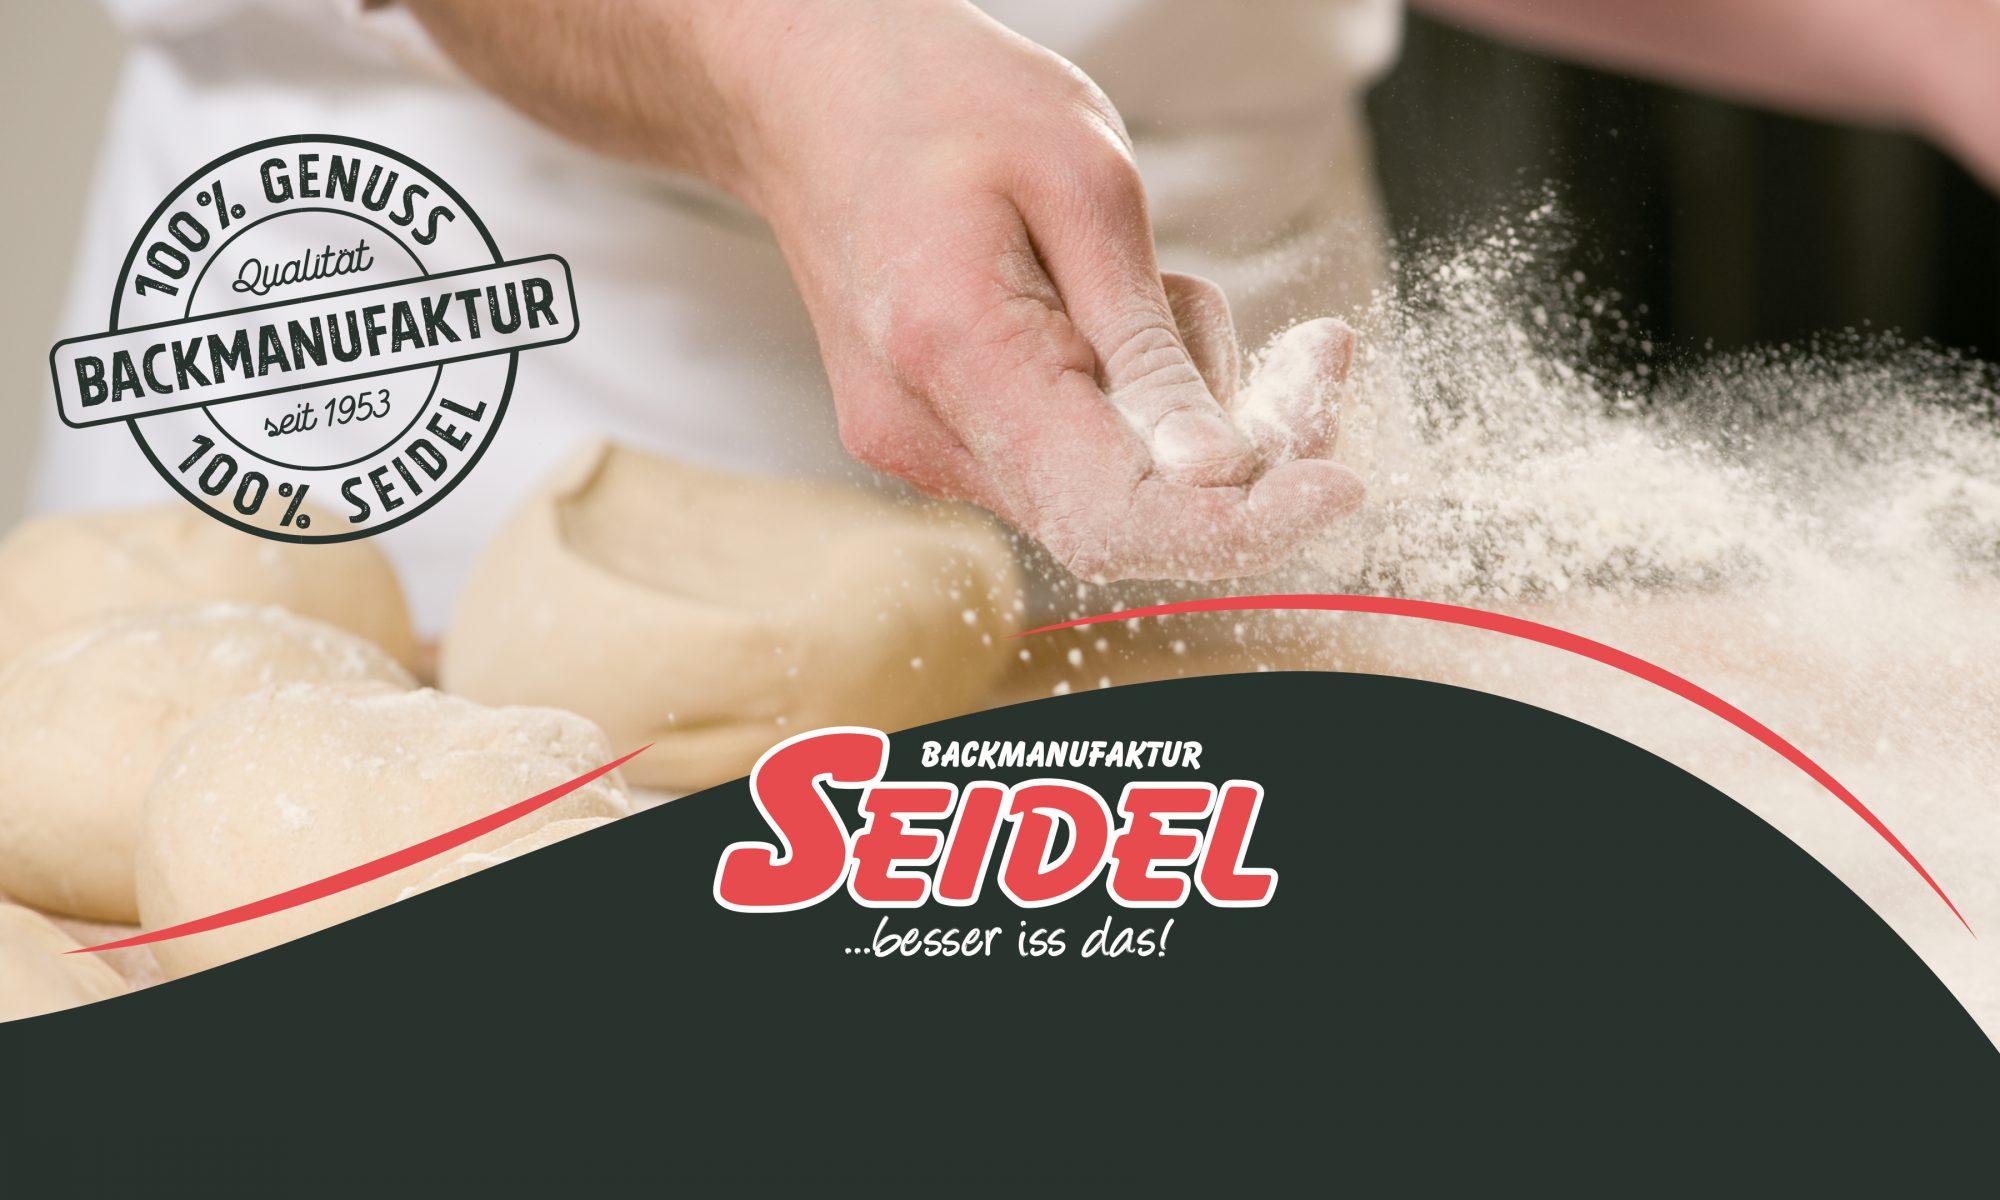 Bäcker Seidel